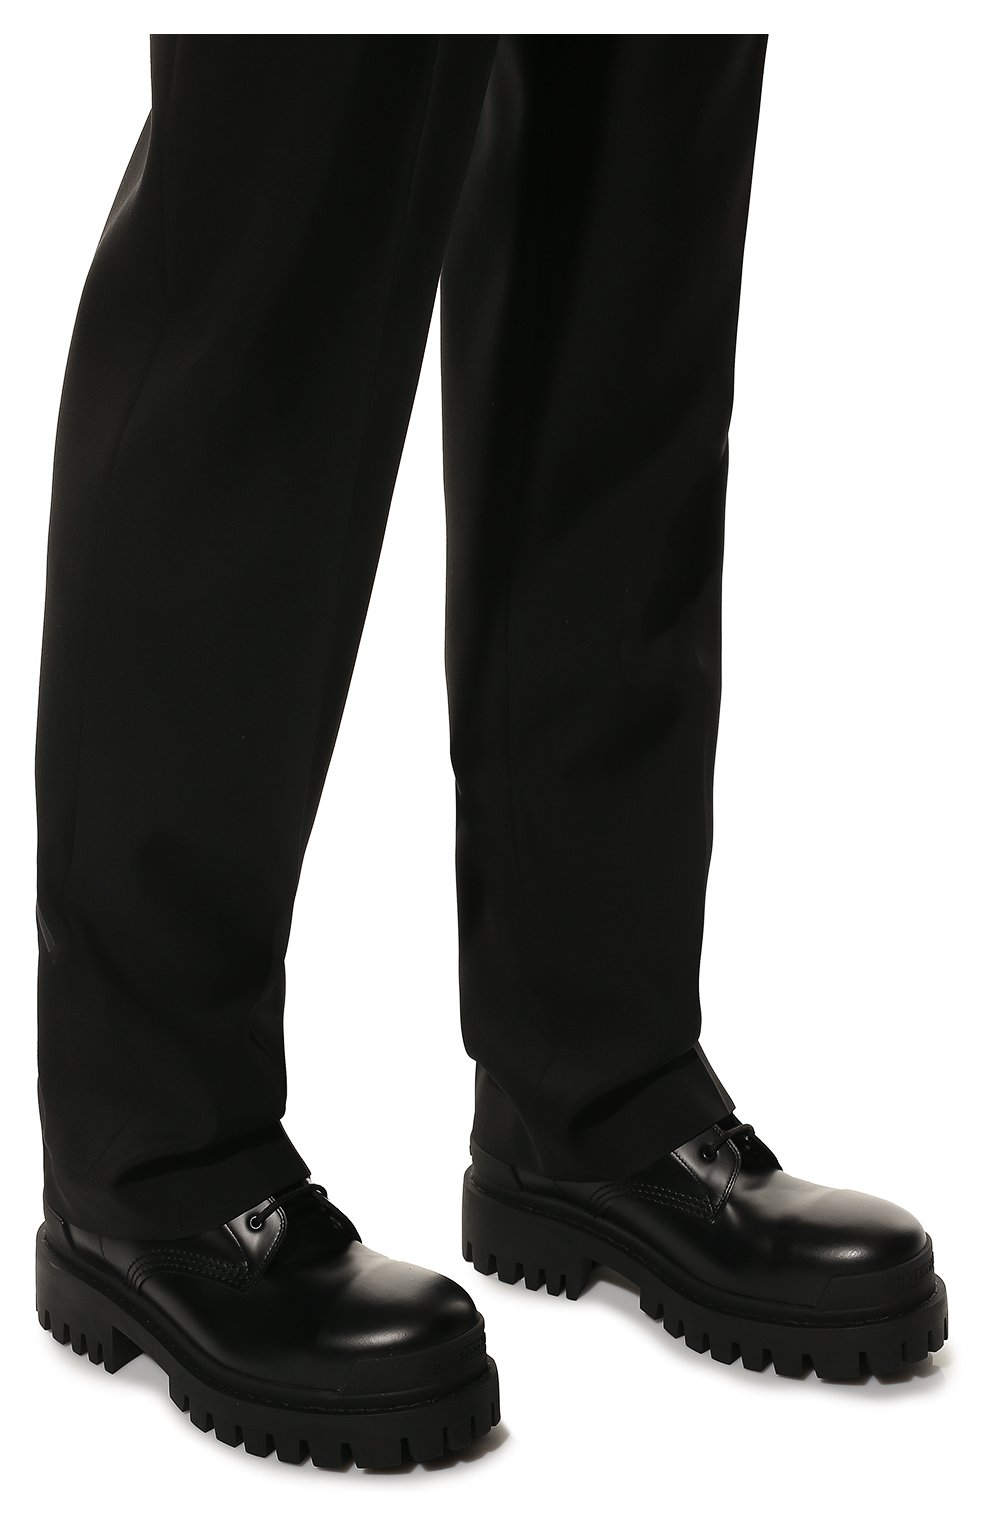 Мужские кожаные ботинки BALENCIAGA черного цвета, арт. 589338/WA960   Фото 3 (Мужское Кросс-КТ: Ботинки-обувь, Байкеры-обувь; Материал внутренний: Натуральная кожа; Статус проверки: Проверено; Подошва: Массивная)